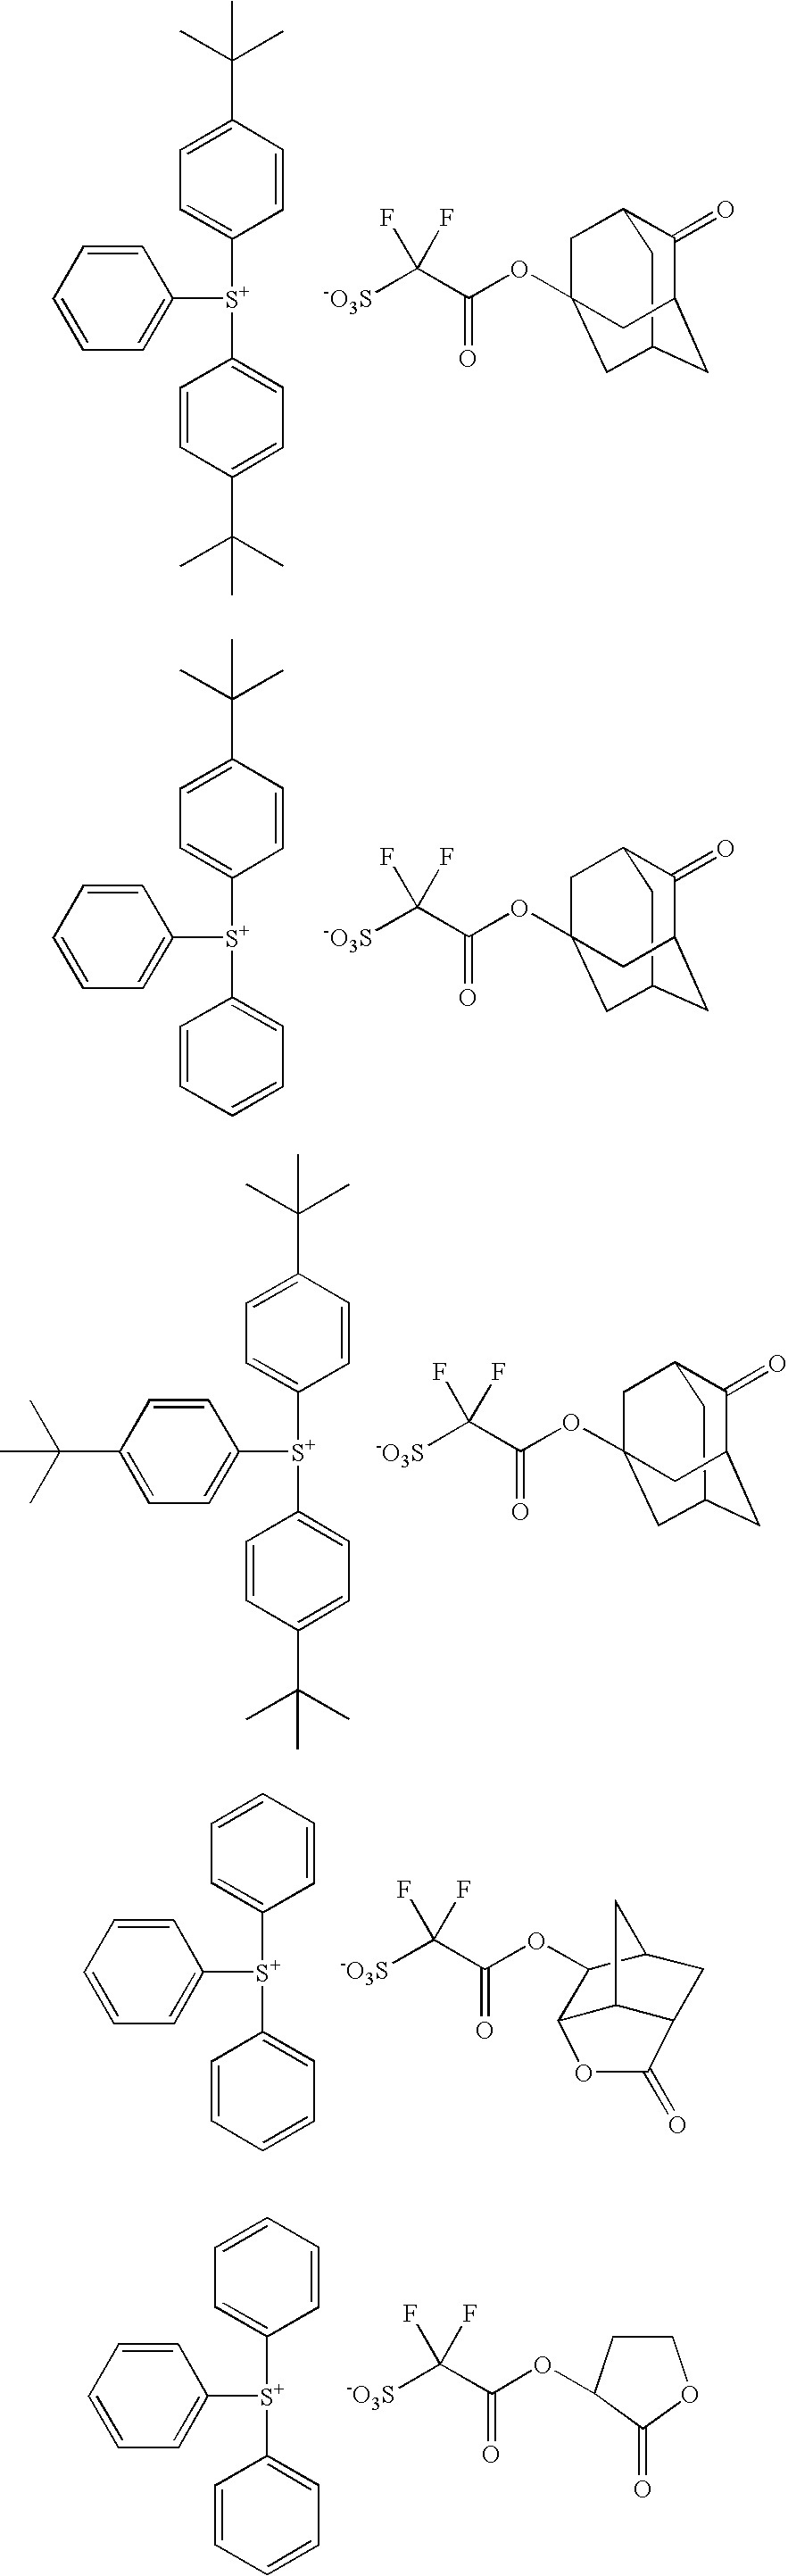 Figure US20100323296A1-20101223-C00150